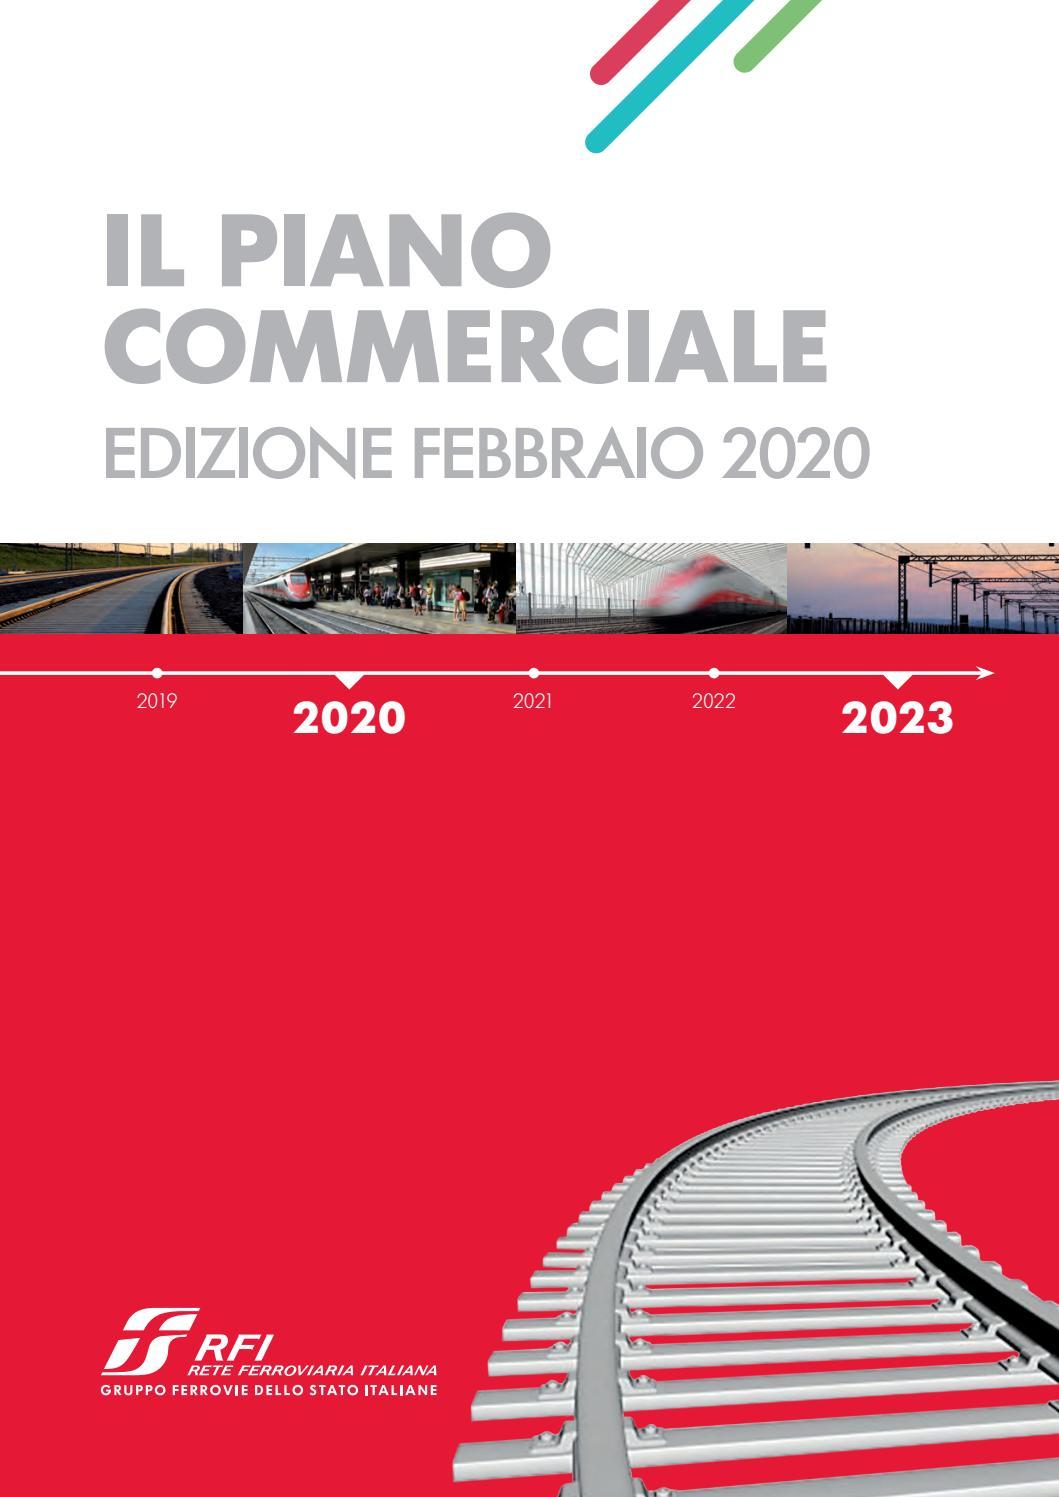 Cartina Ferroviaria Sicilia.Il Piano Commerciale Di Rfi Edizione Febbraio 2020 By Ferrovie Dello Stato Italiane Issuu